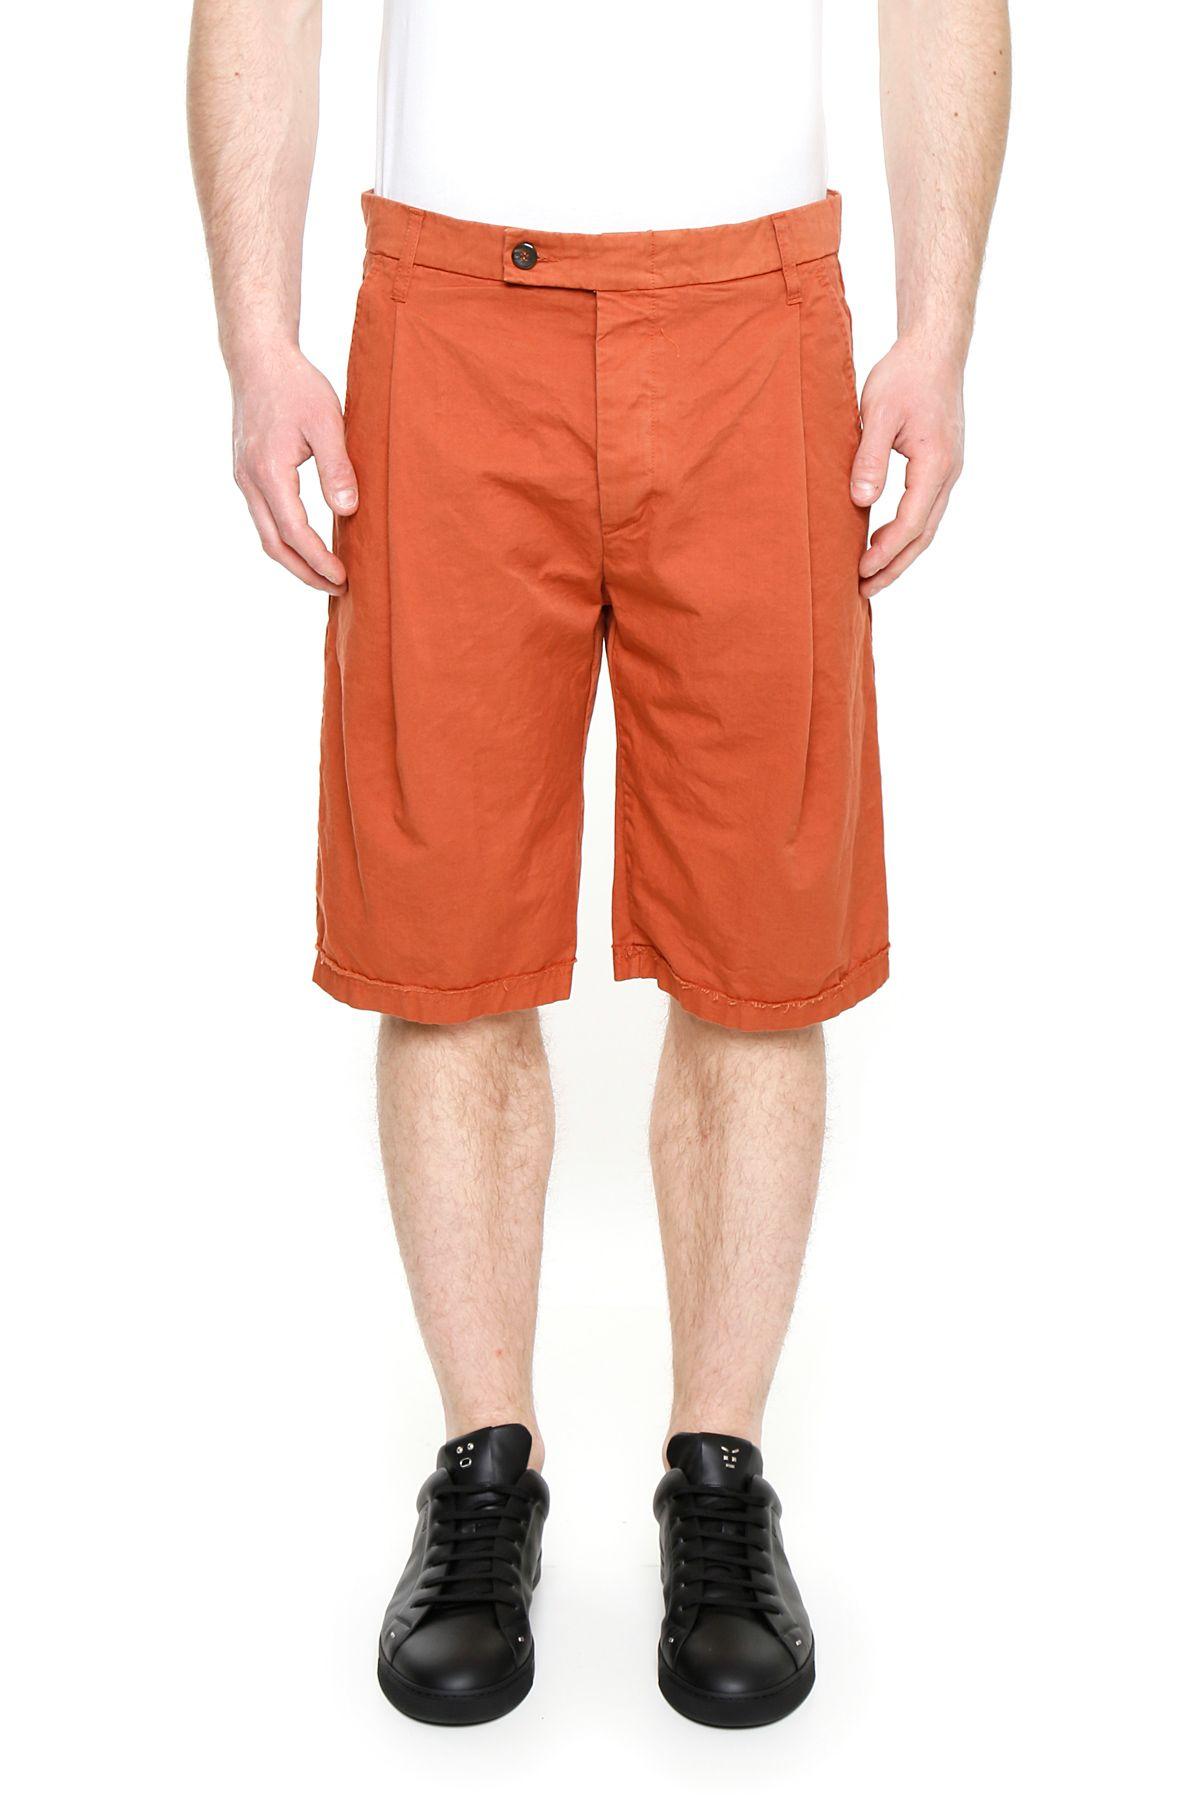 Fern Bermuda Shorts